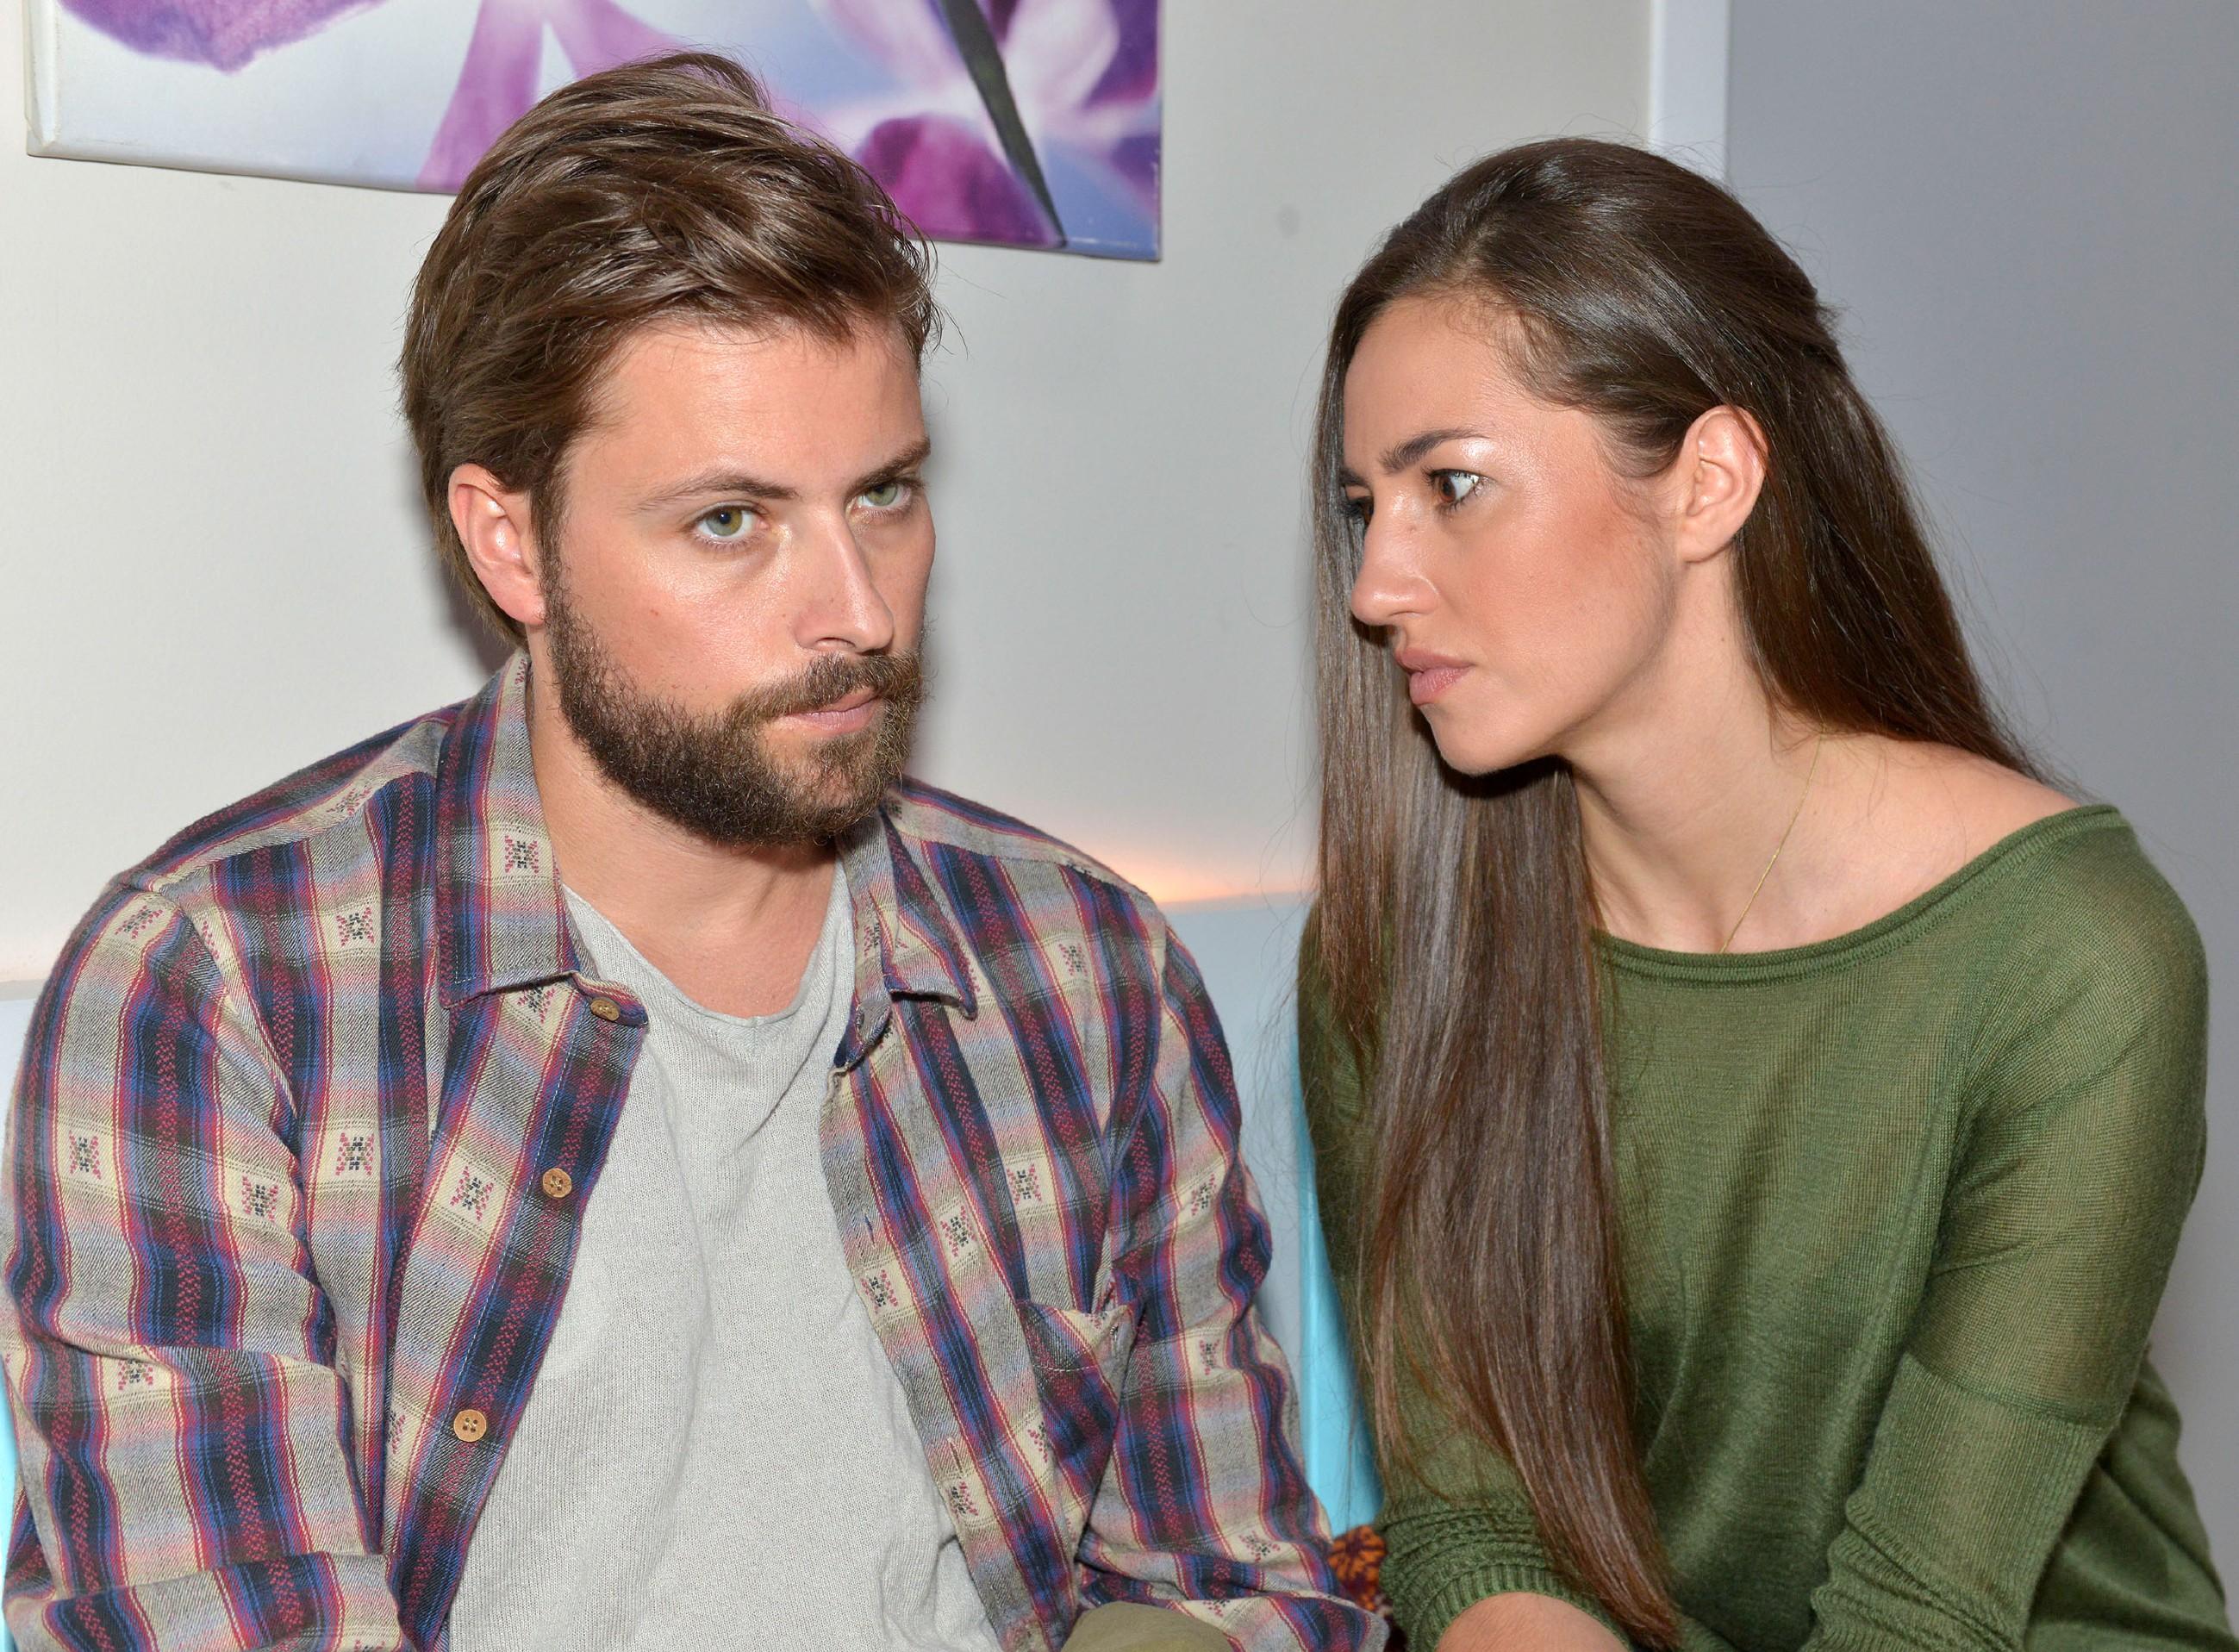 Als Elena (Elena Garcia Gerlach) erfährt, dass John (Felix von Jascheroff) sofort operiert werden muss, bekommt sie es mit der Angst zu tun. (Quelle: RTL / Rolf Baumgartner)